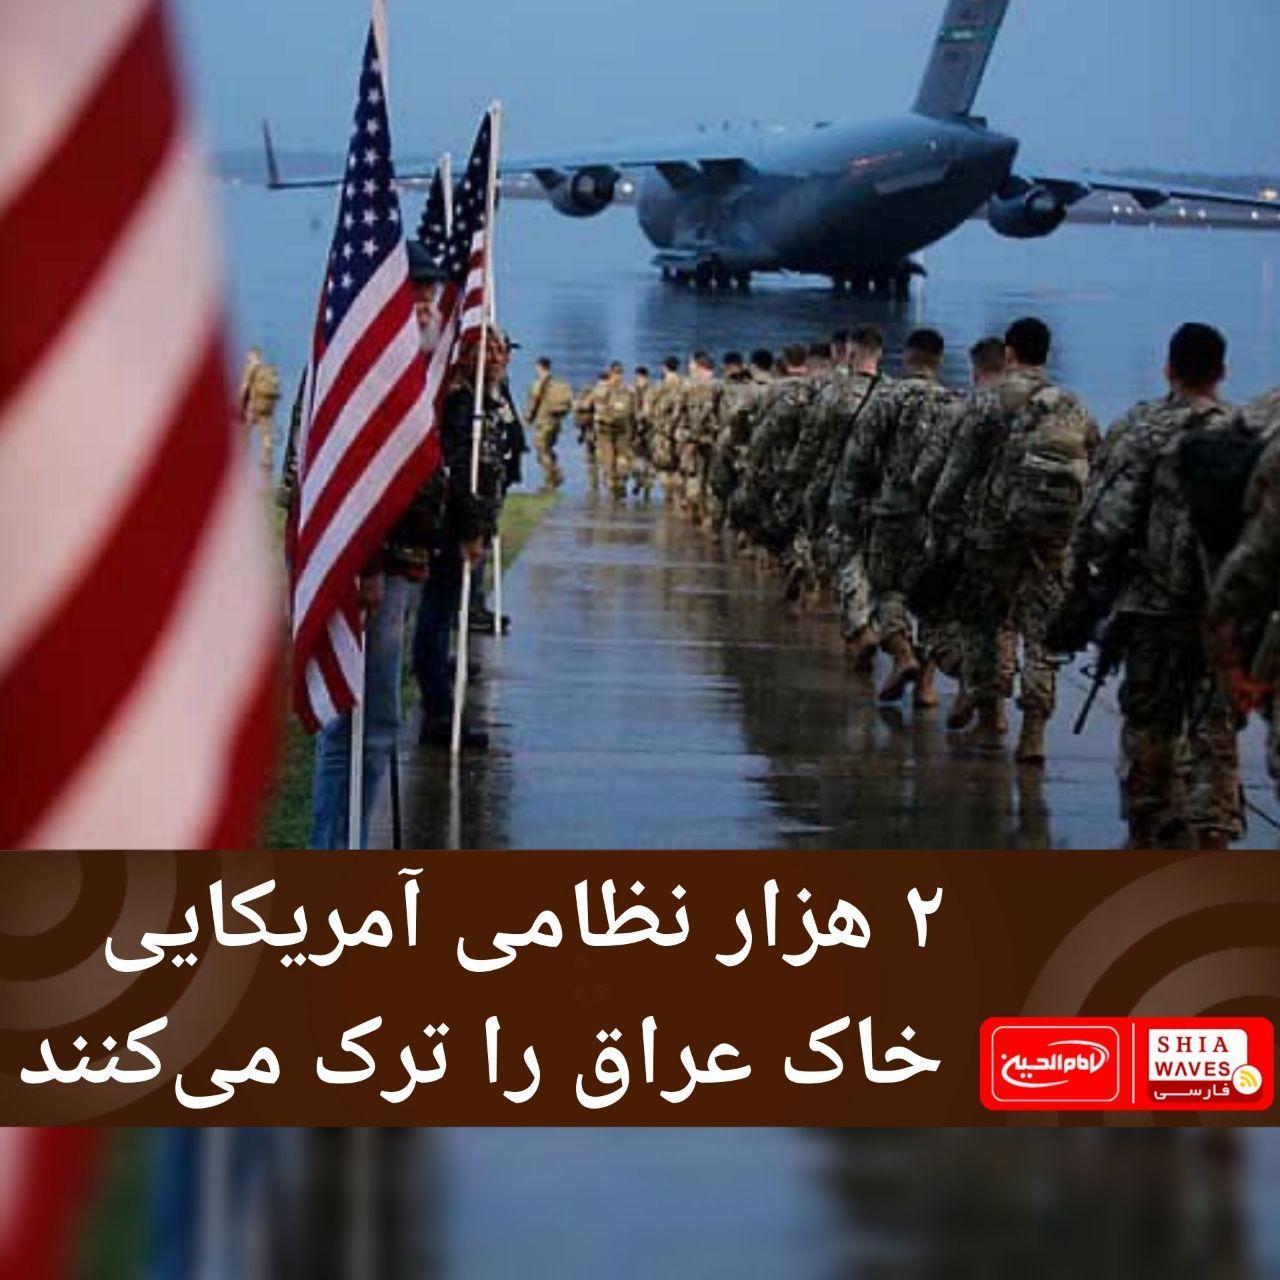 تصویر ۲ هزار نظامی آمریکایی خاک عراق را ترک میکنند